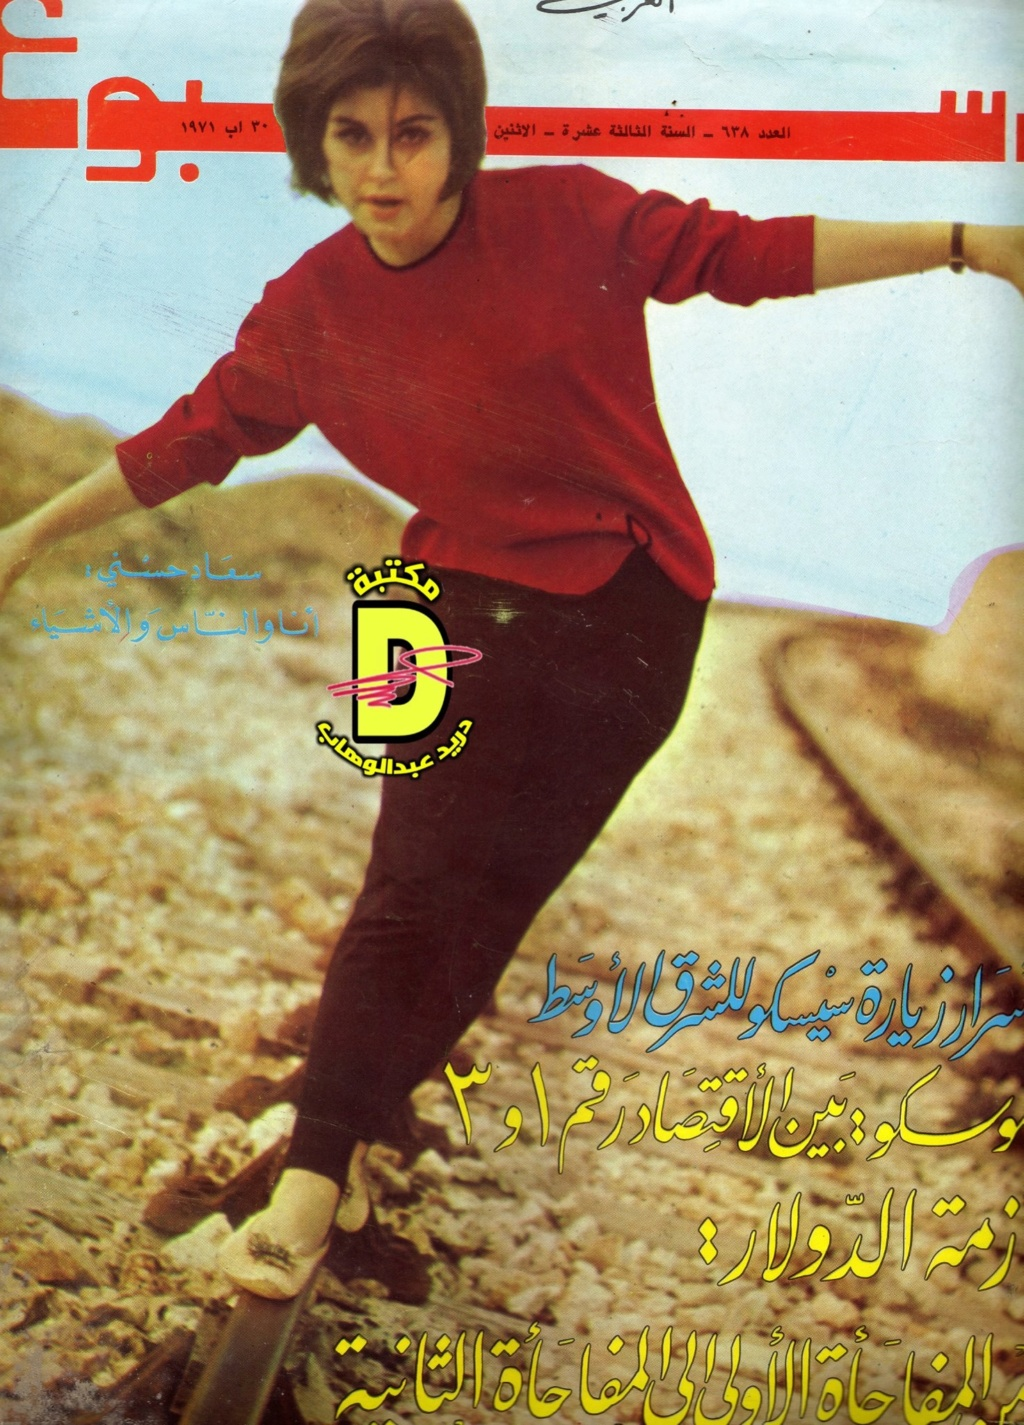 مقال صحفي : سعاد حسني .. الناس والنيل .. وموسكو 1971 م 141